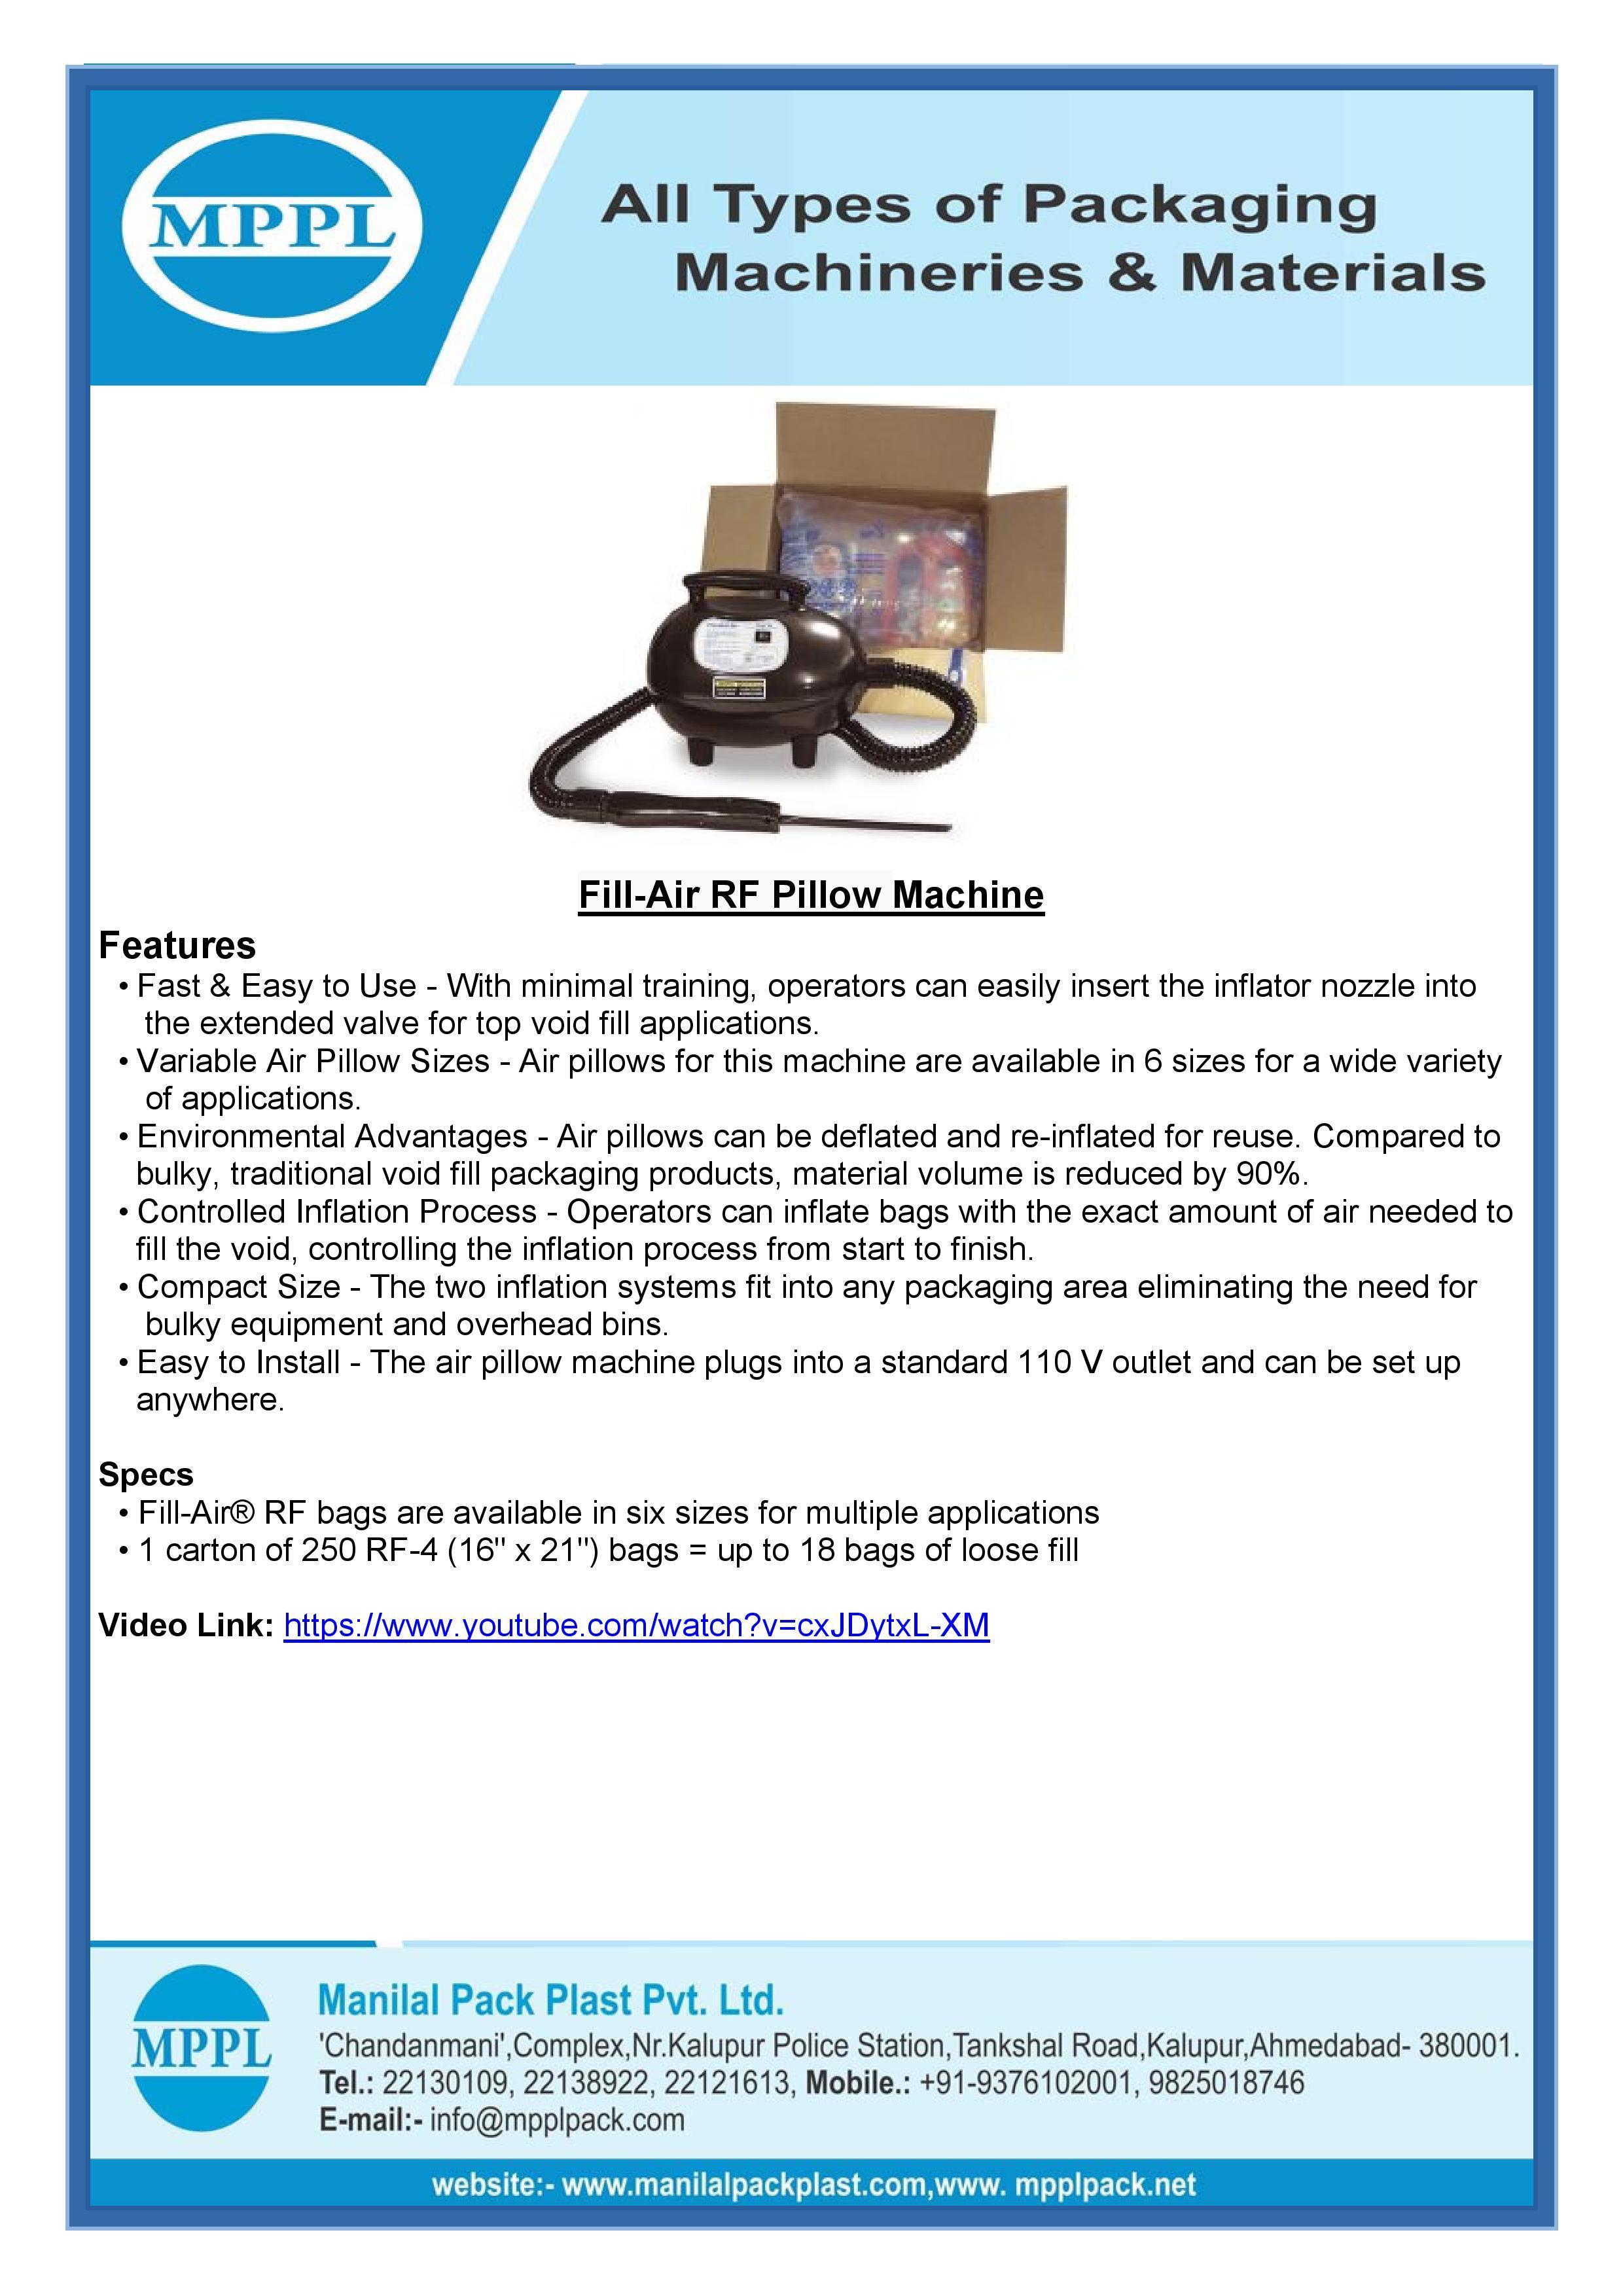 Fill-Air RF Pillow Machine